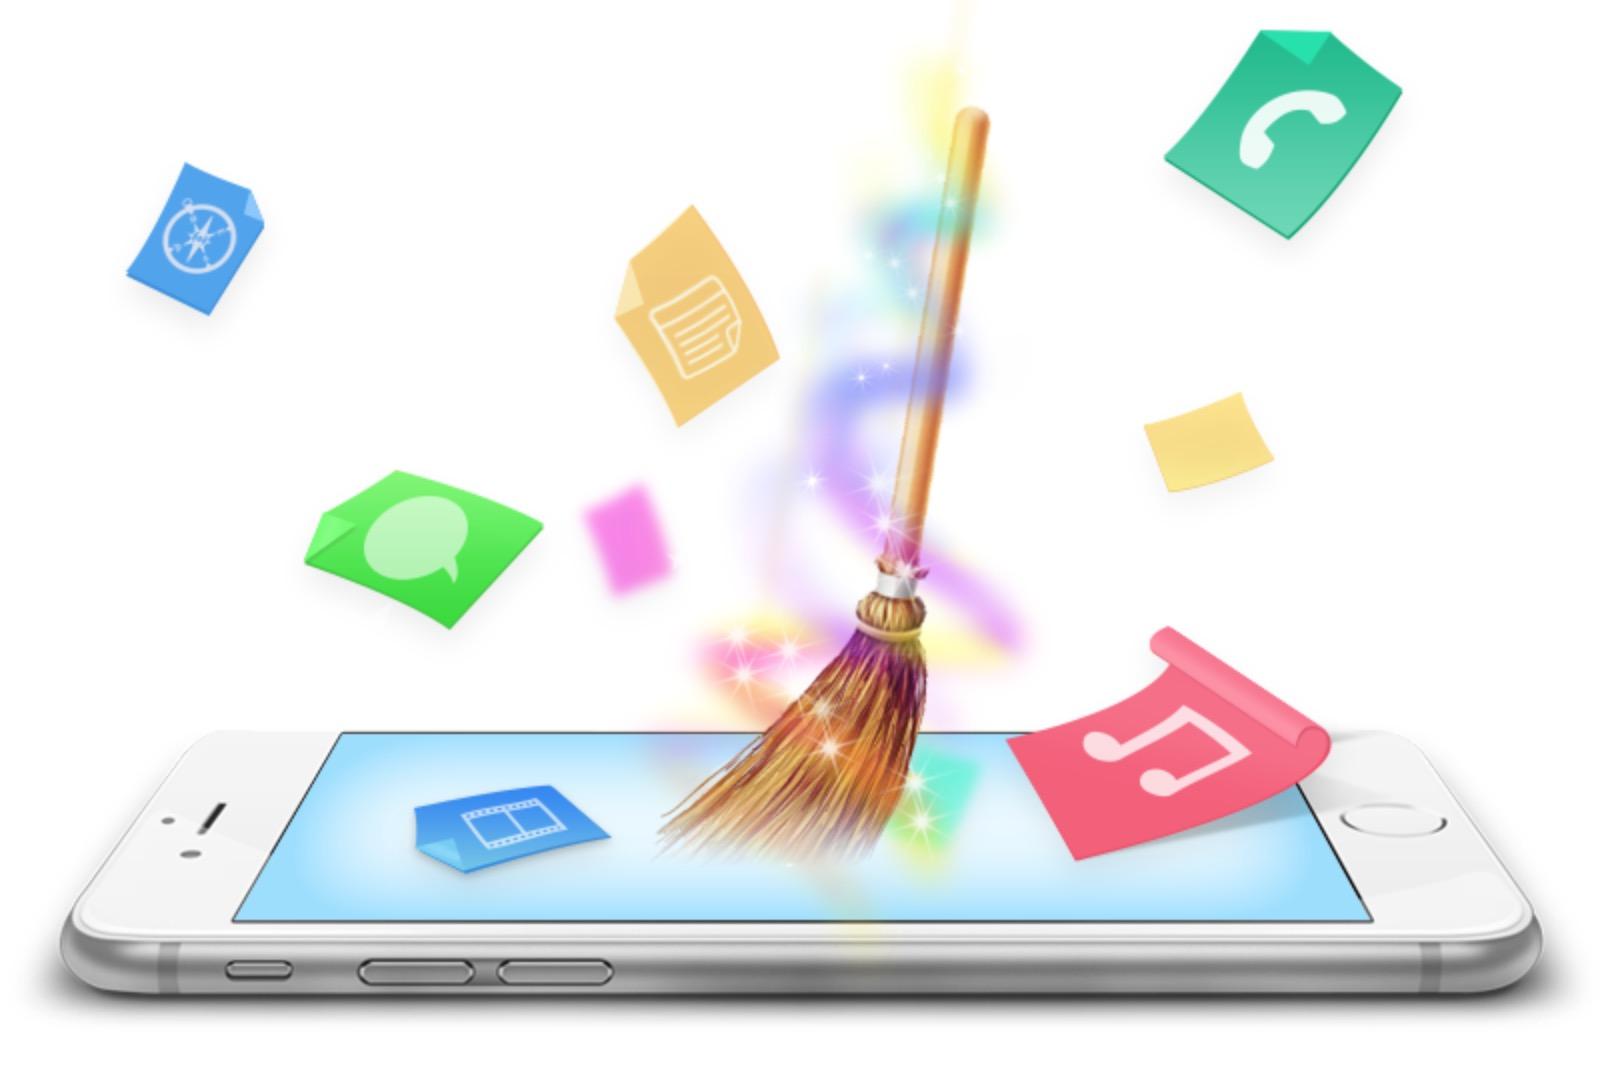 Trucchi iPhone liberare memoria